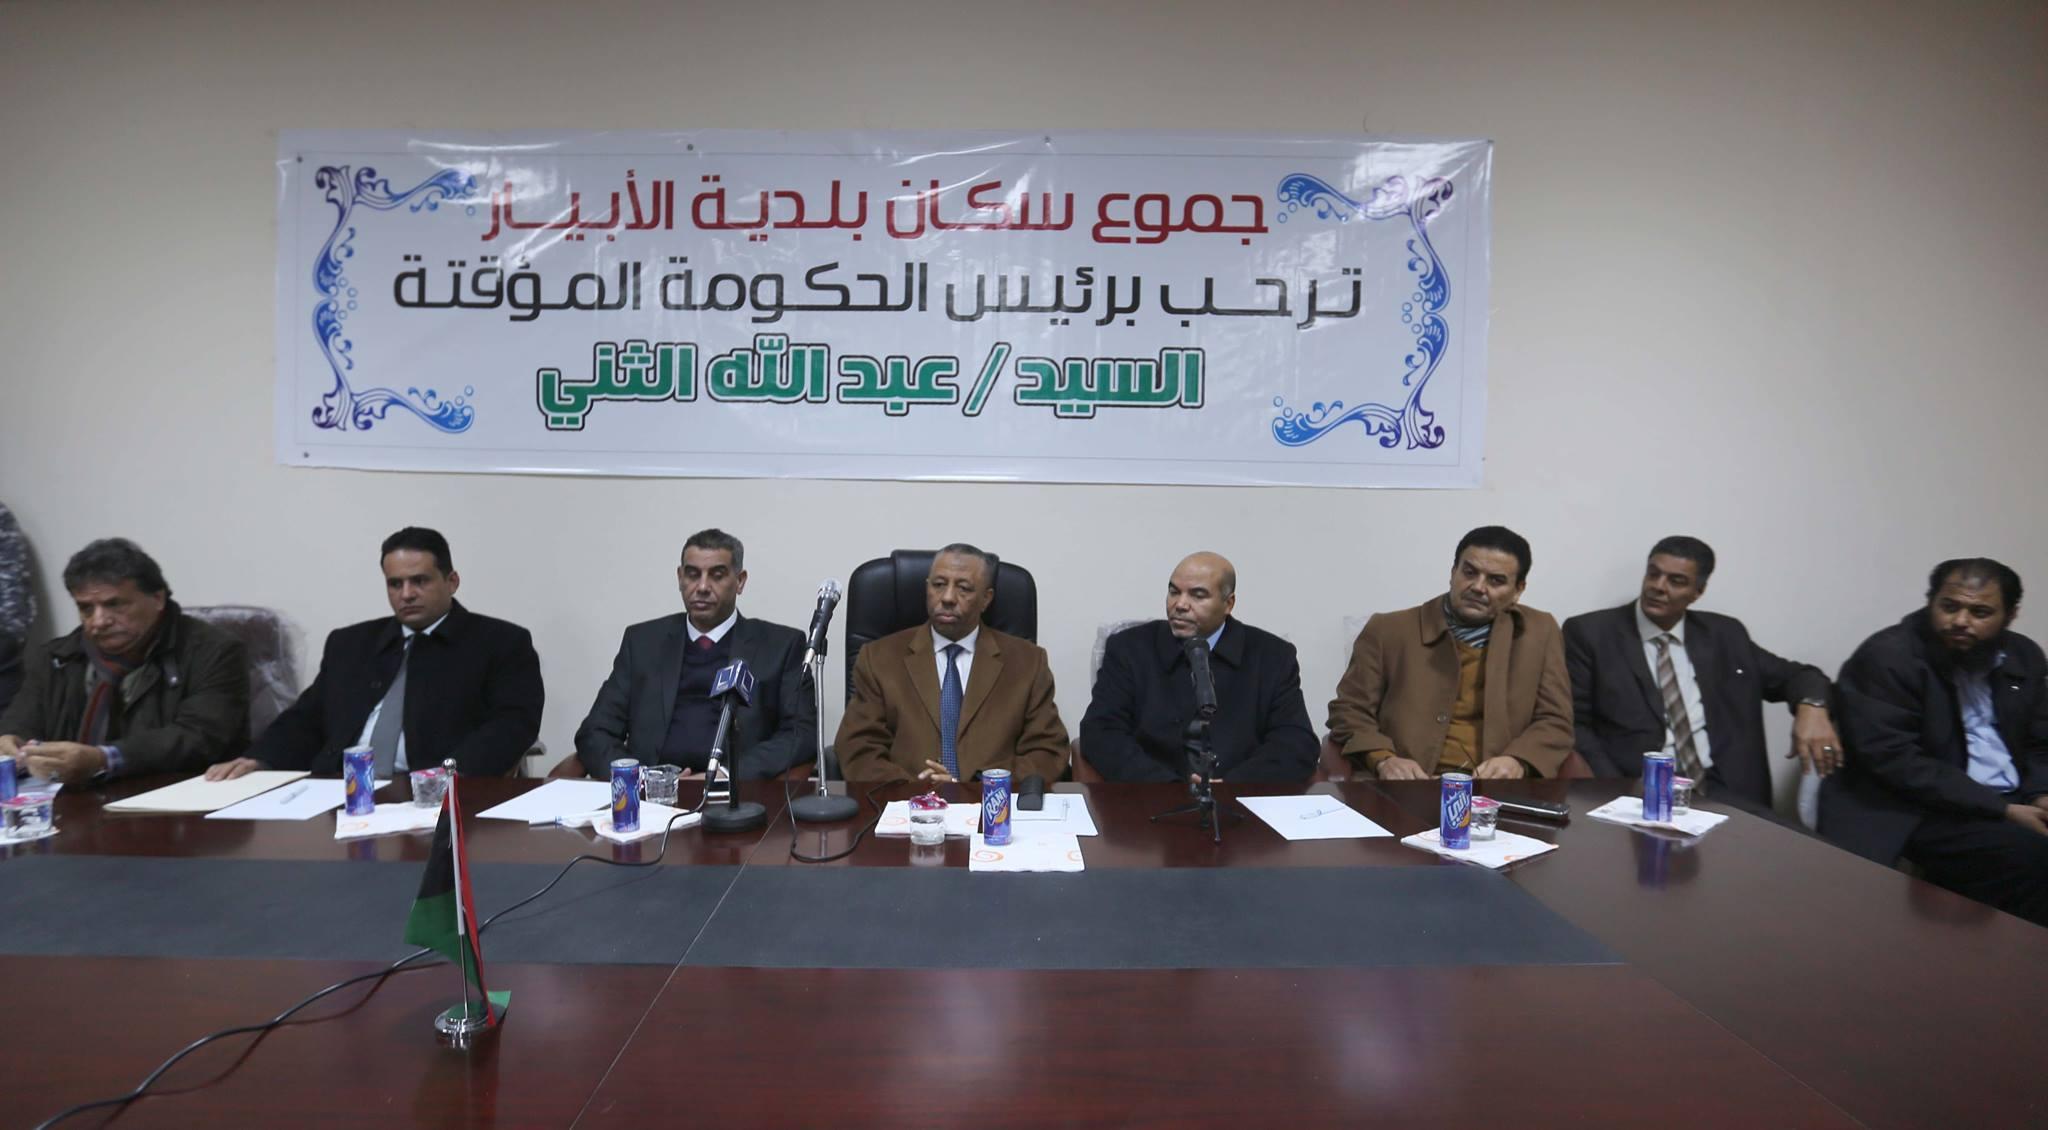 Photo of الثني في الأبيار.. اجتماعات وزيارات لتفقد الاحتياجات